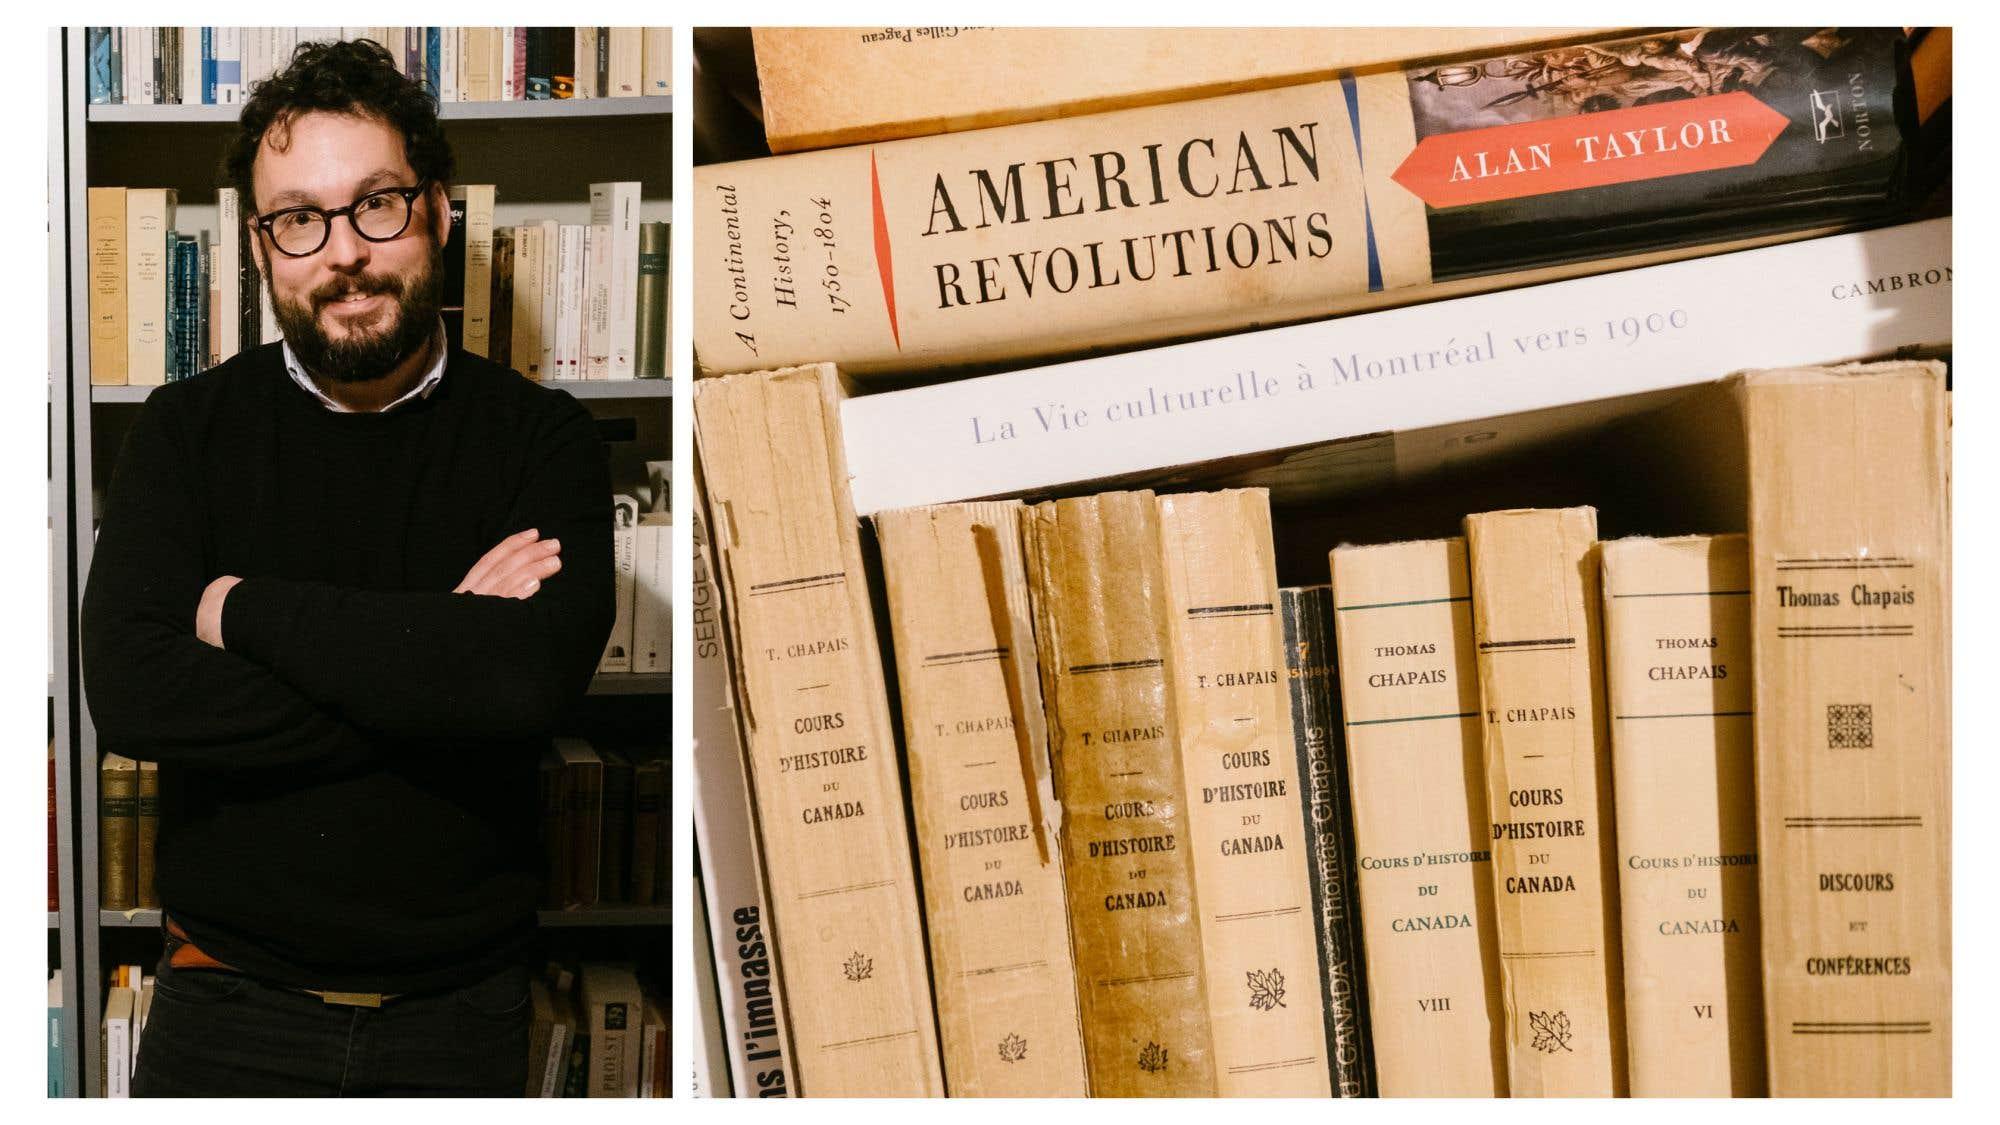 Institutiones philosophicae ad usum studiosae juventutis de Jérôme Demers est le livre que Jonathan Livernois est le plus fier de posséder. Datant de 1835, il s'agit «du premier traité ou manuel de philosophie écrit au Québec. Le père Demers enseignait au Séminaire de Québec; il a été notamment le professeur de Louis-Joseph Papineau». Le professeur d'histoire littéraire et intellectuelle à l'Université Laval conserve dans sa biblio essentiellement des essais et de la littérature québécoise; une biblio qu'il a commencée avec Les patriotes de 1837-1838 de Laurent-Olivier David (1937). «Il appartenait à mon grand-père paternel. Je l'ai récupéré au début des années 1990.» Sa dernière acquisition? Dérapages poétiques, volume 1 (Atelier 10).